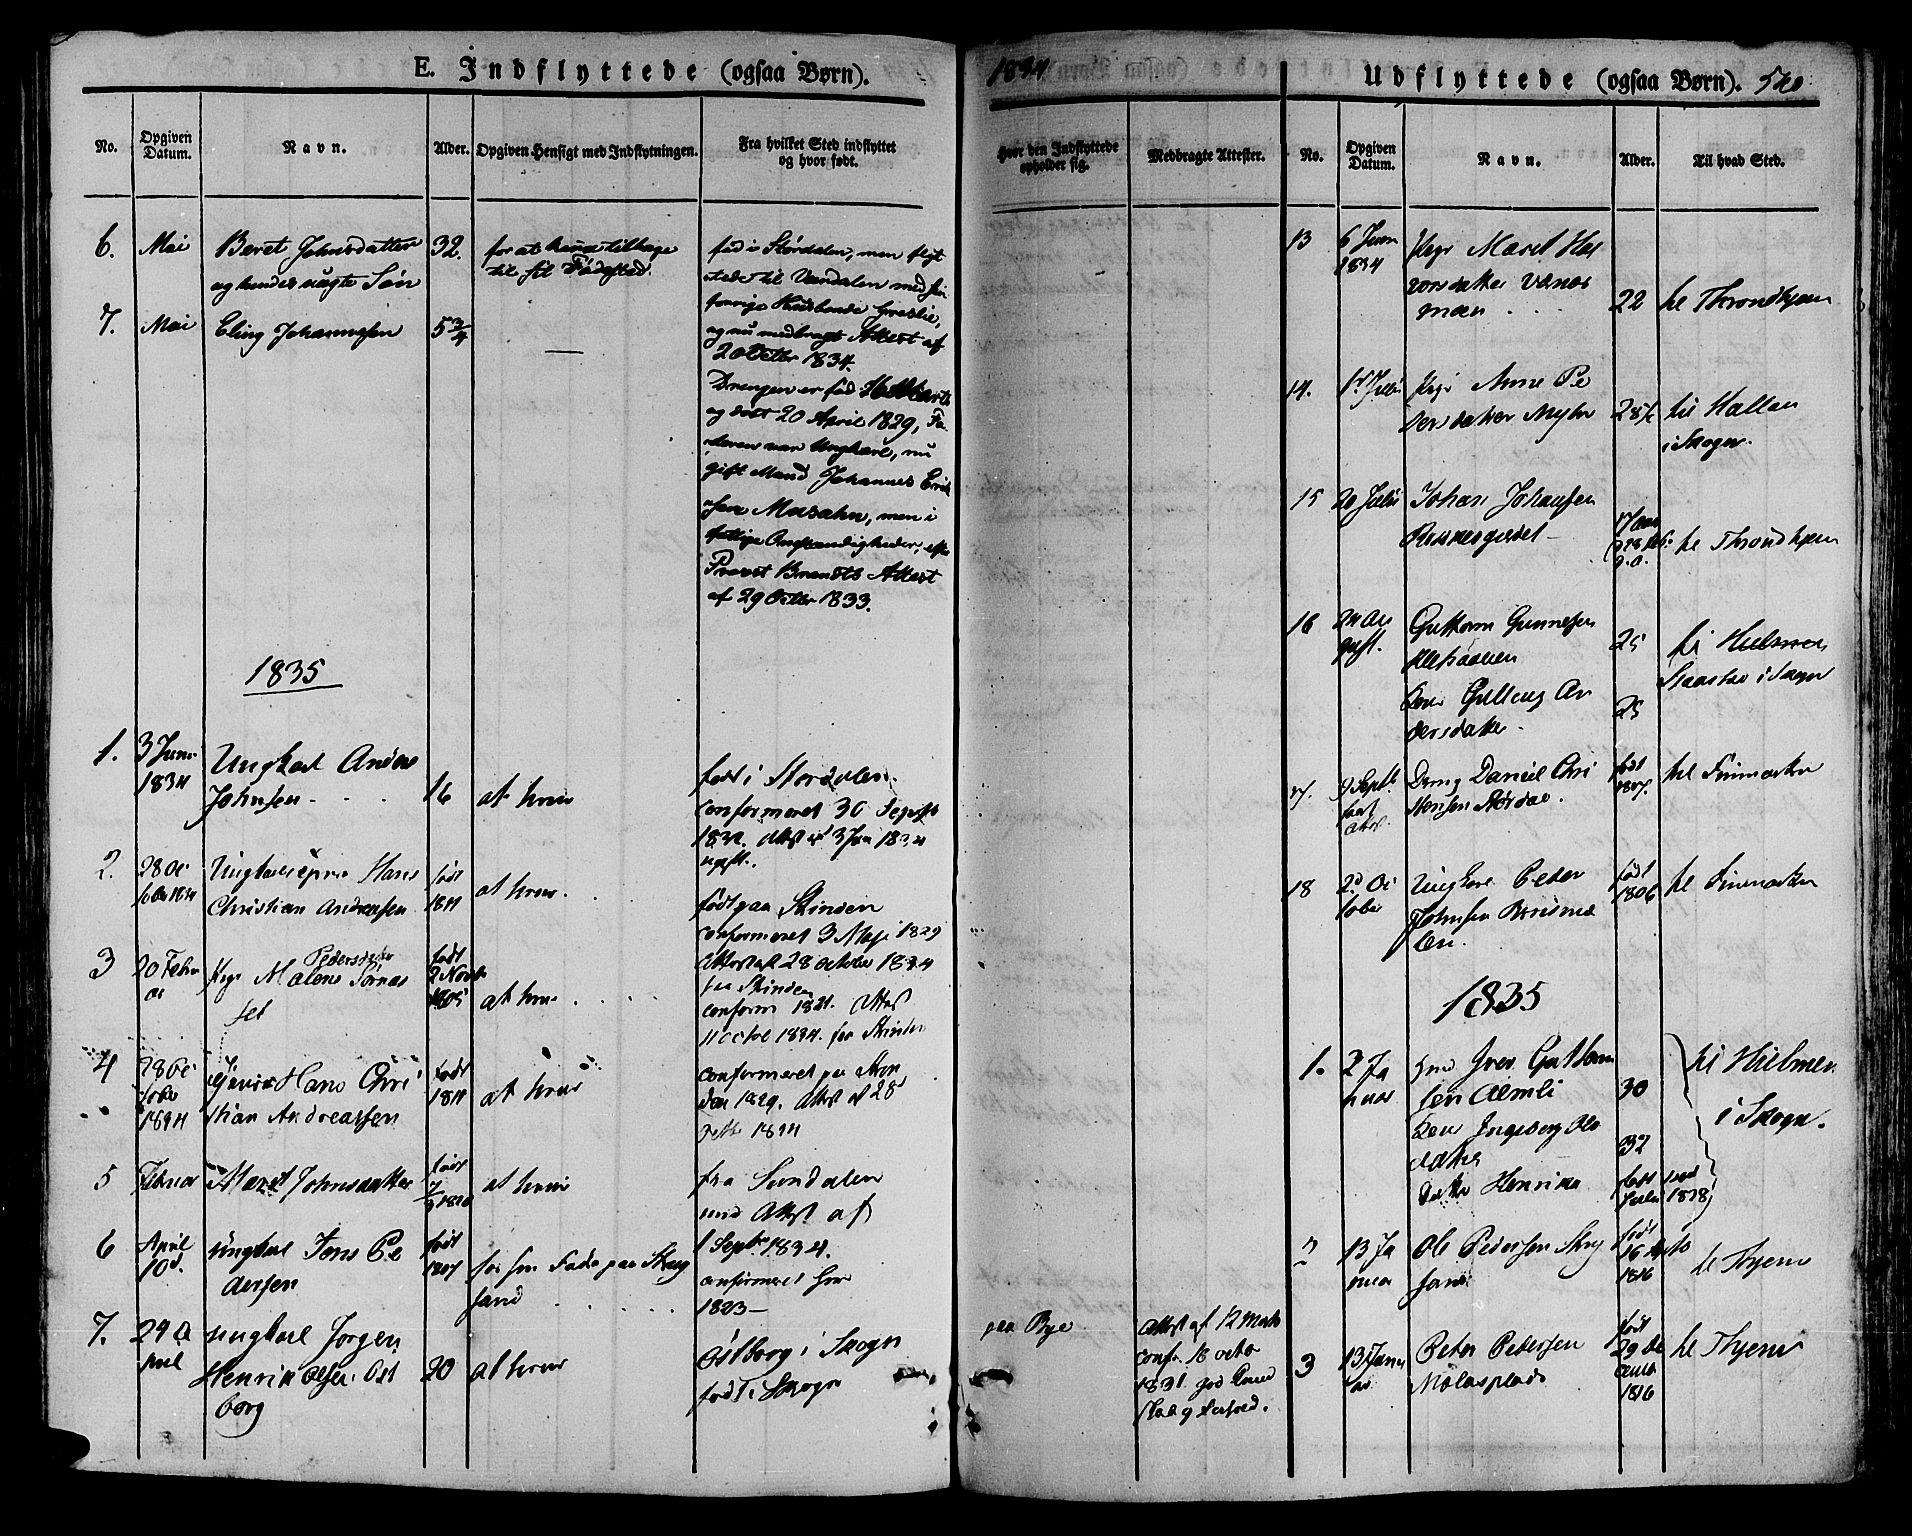 SAT, Ministerialprotokoller, klokkerbøker og fødselsregistre - Nord-Trøndelag, 709/L0072: Ministerialbok nr. 709A12, 1833-1844, s. 540